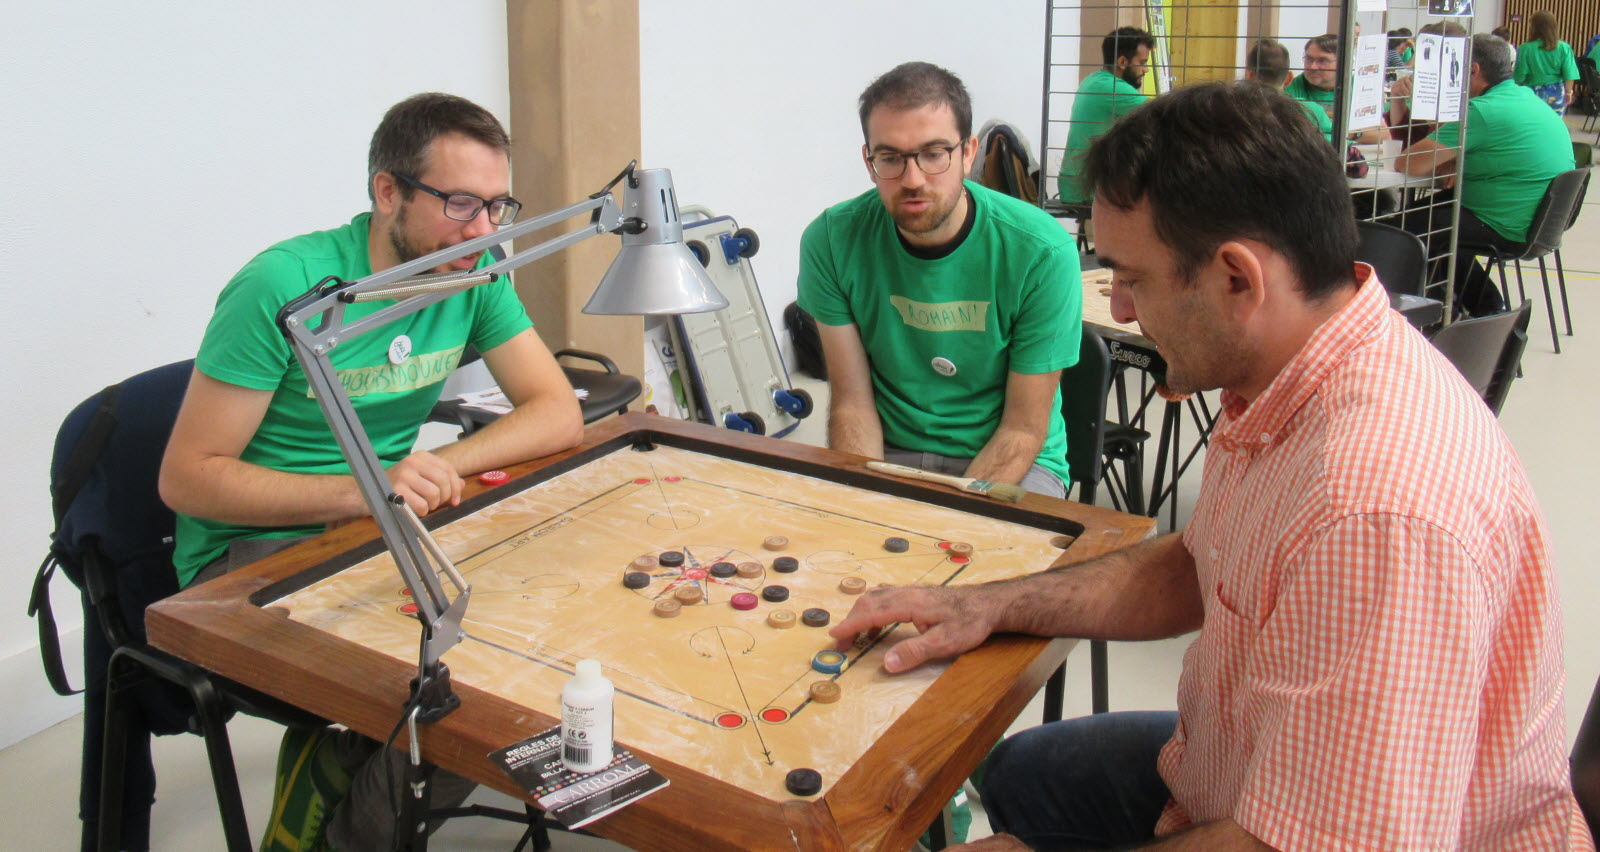 Lozanne | Lozanne : Un Festival De Jeux Gratuit Pour Petits dedans Jeux Gratuit Billard